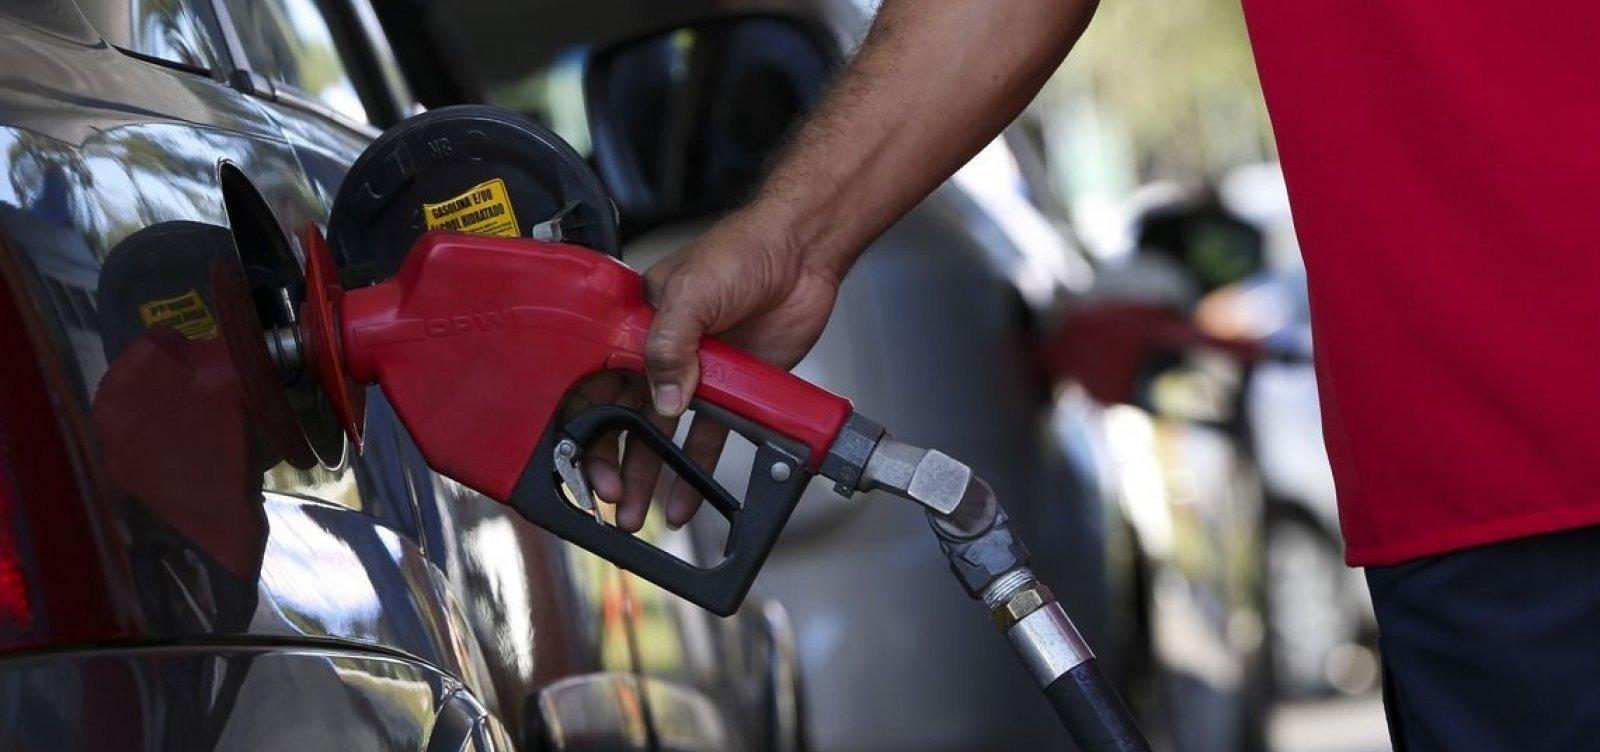 Rui e 19 governadores assinam carta contestanto informação de que o ICMS seja razão para a alta dos combustíveis